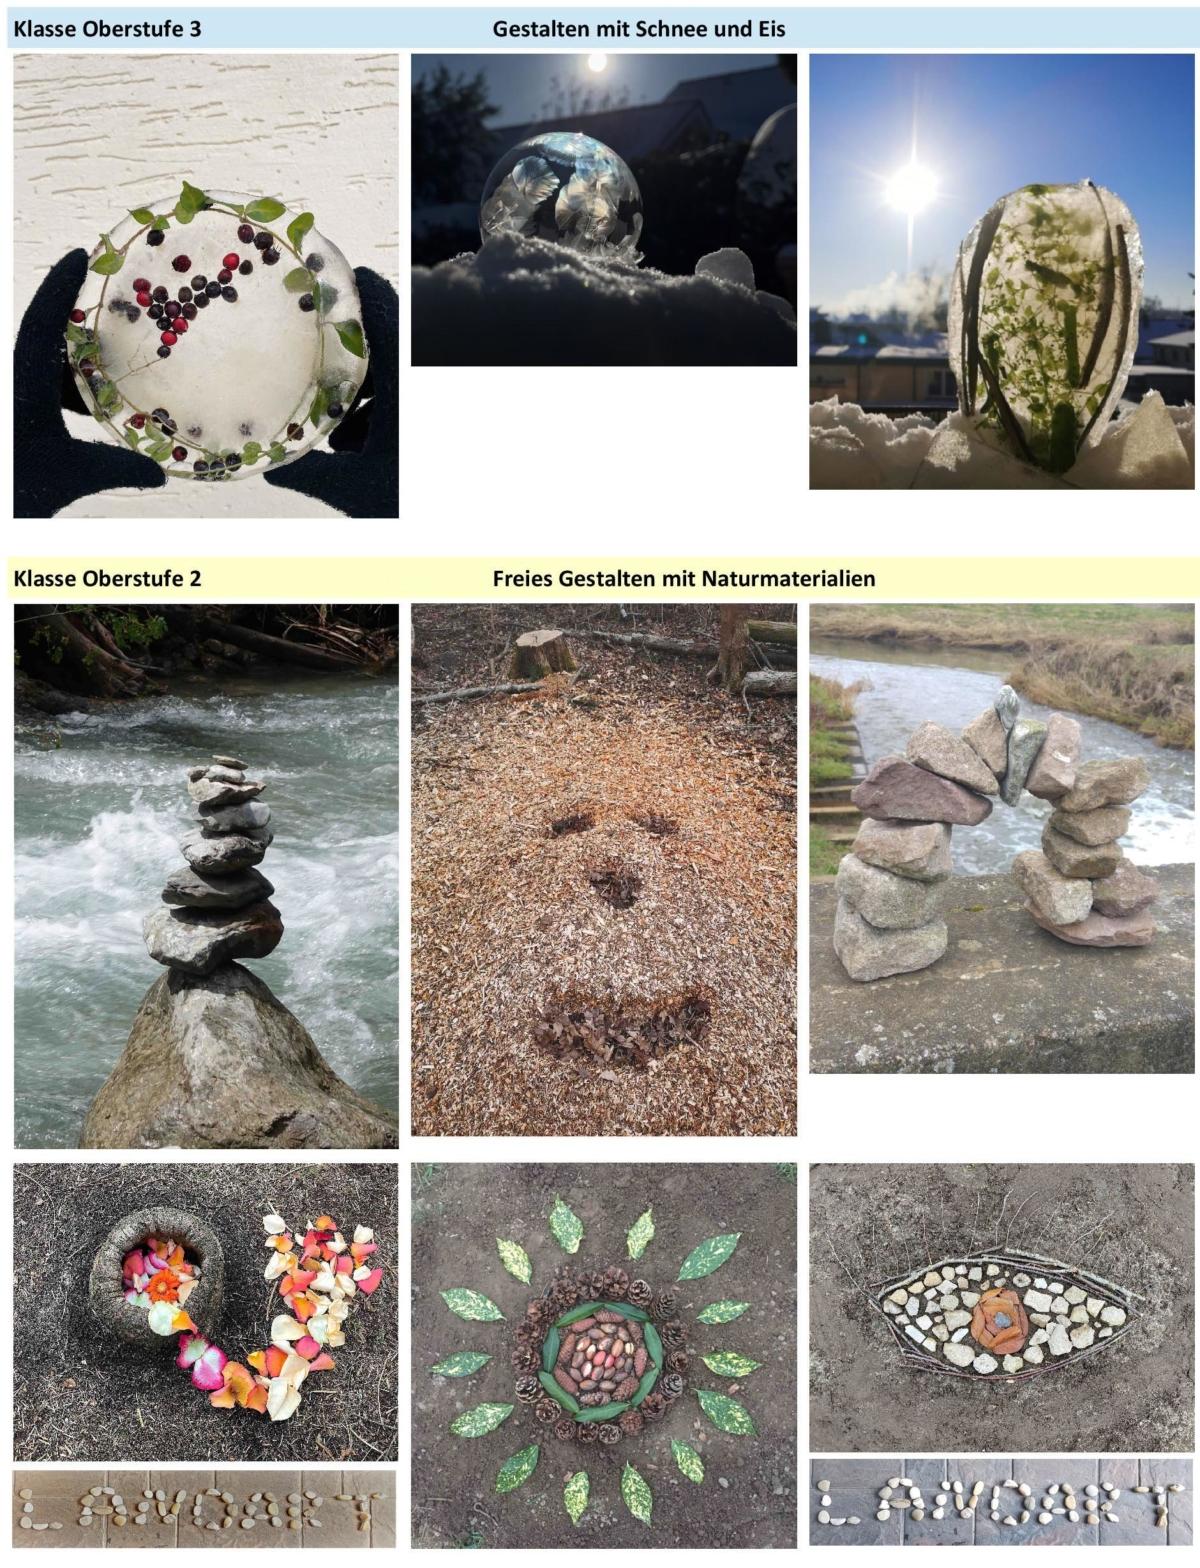 Gestalten mit der Natur… in der Natur…